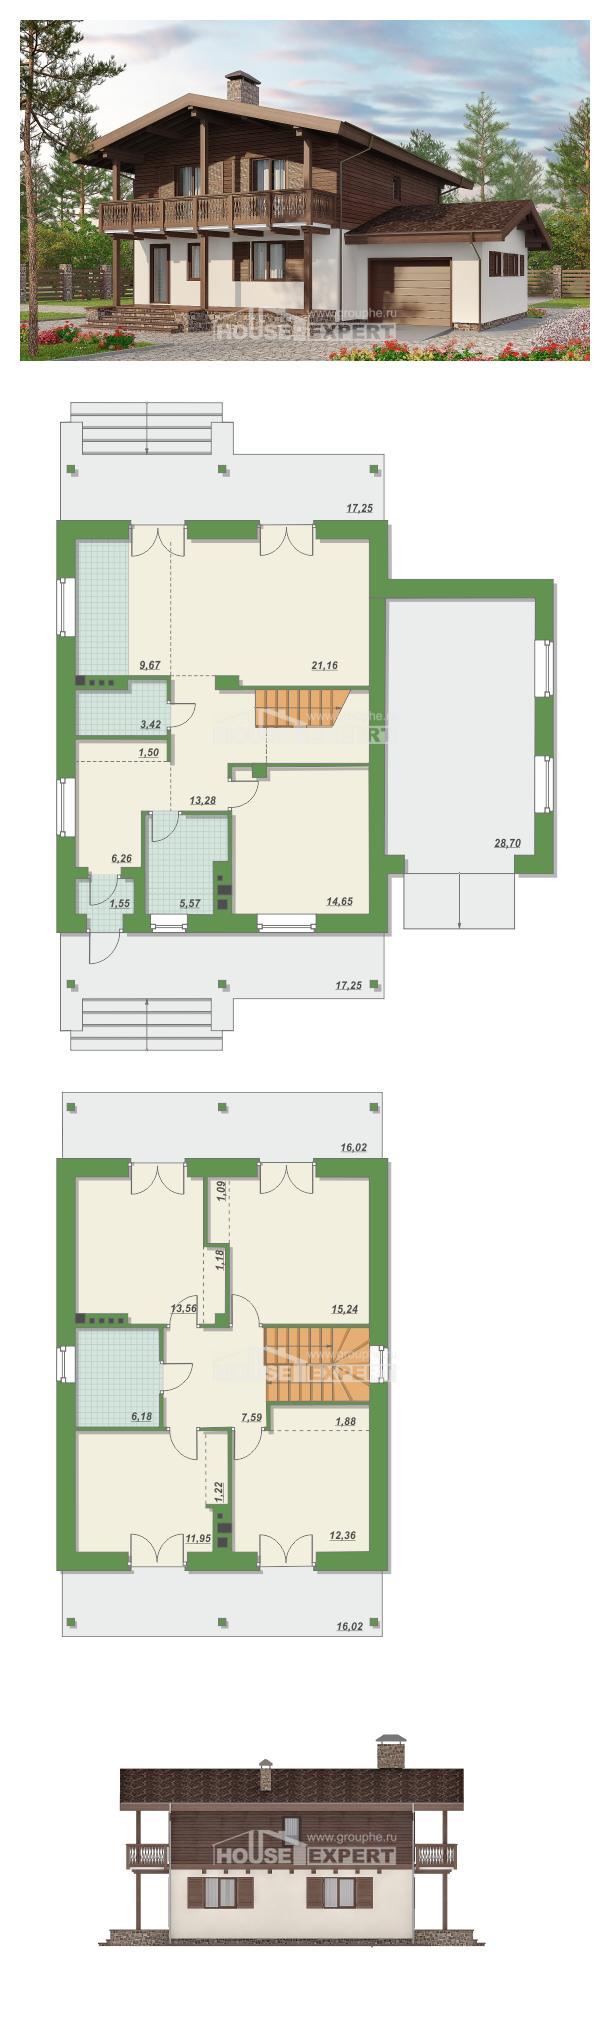 Plan 180-018-L | House Expert